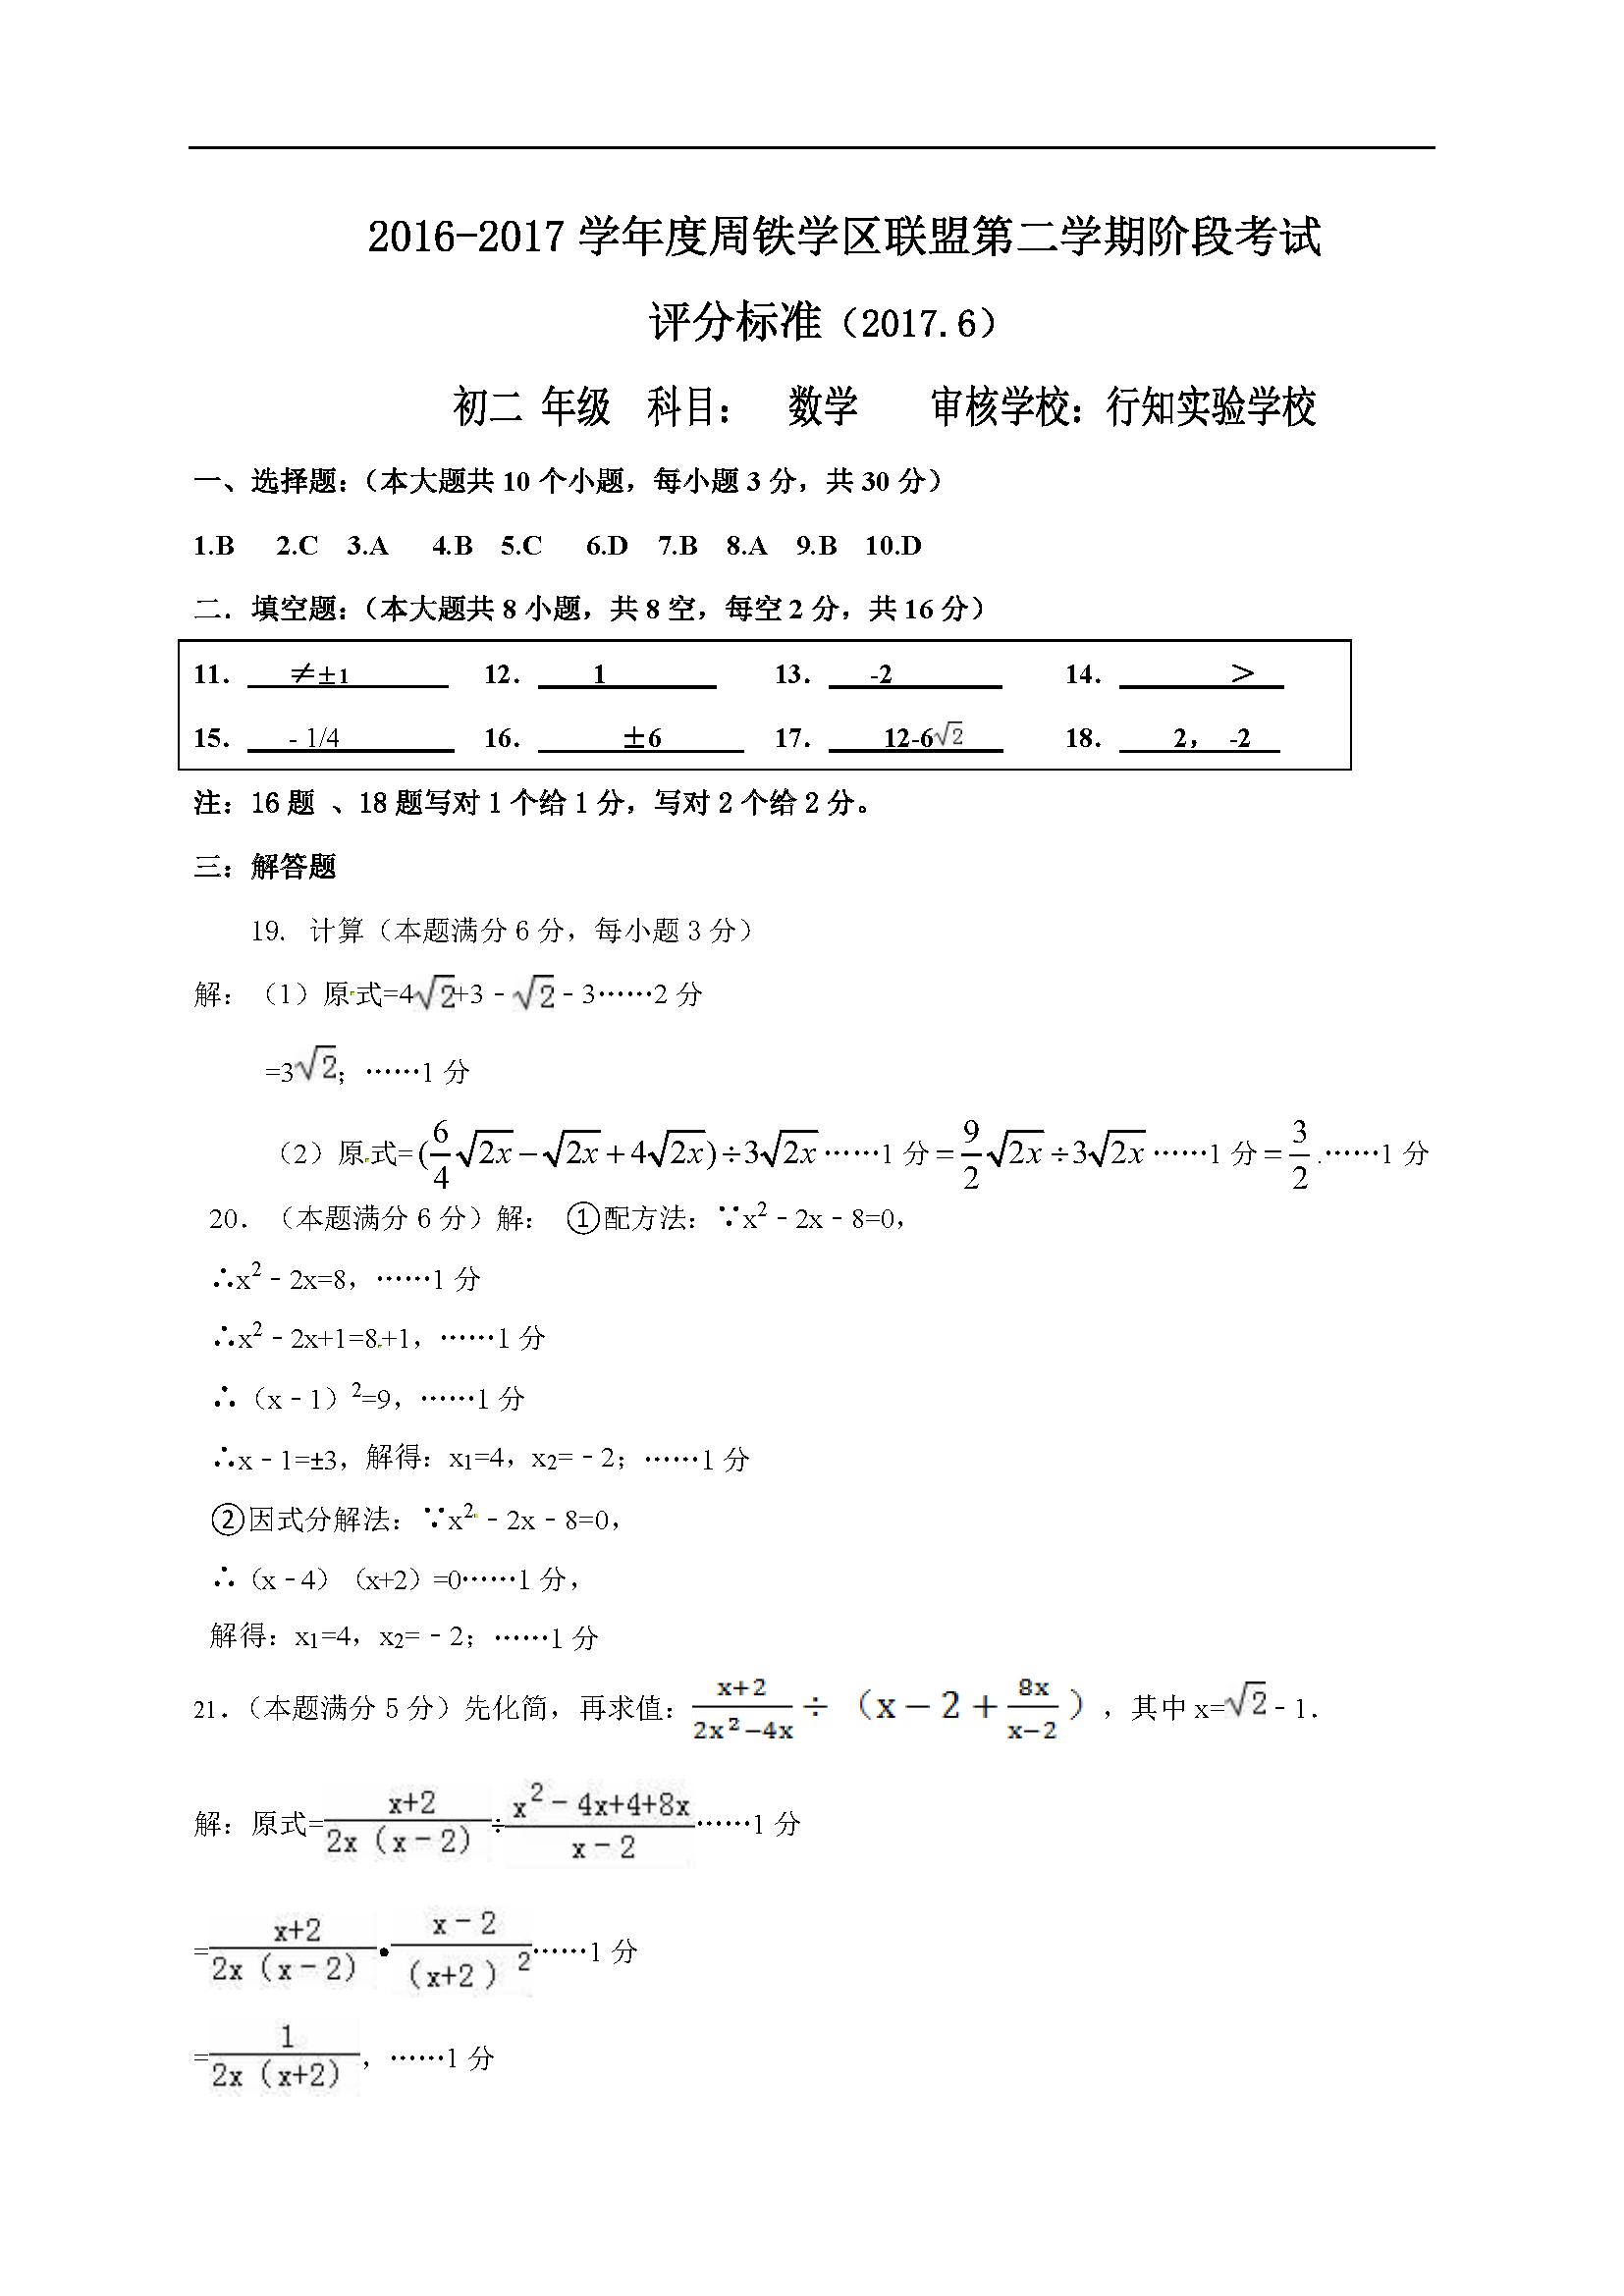 2017江苏无锡八年级下第二次阶段考试数学试题答案(Word版)